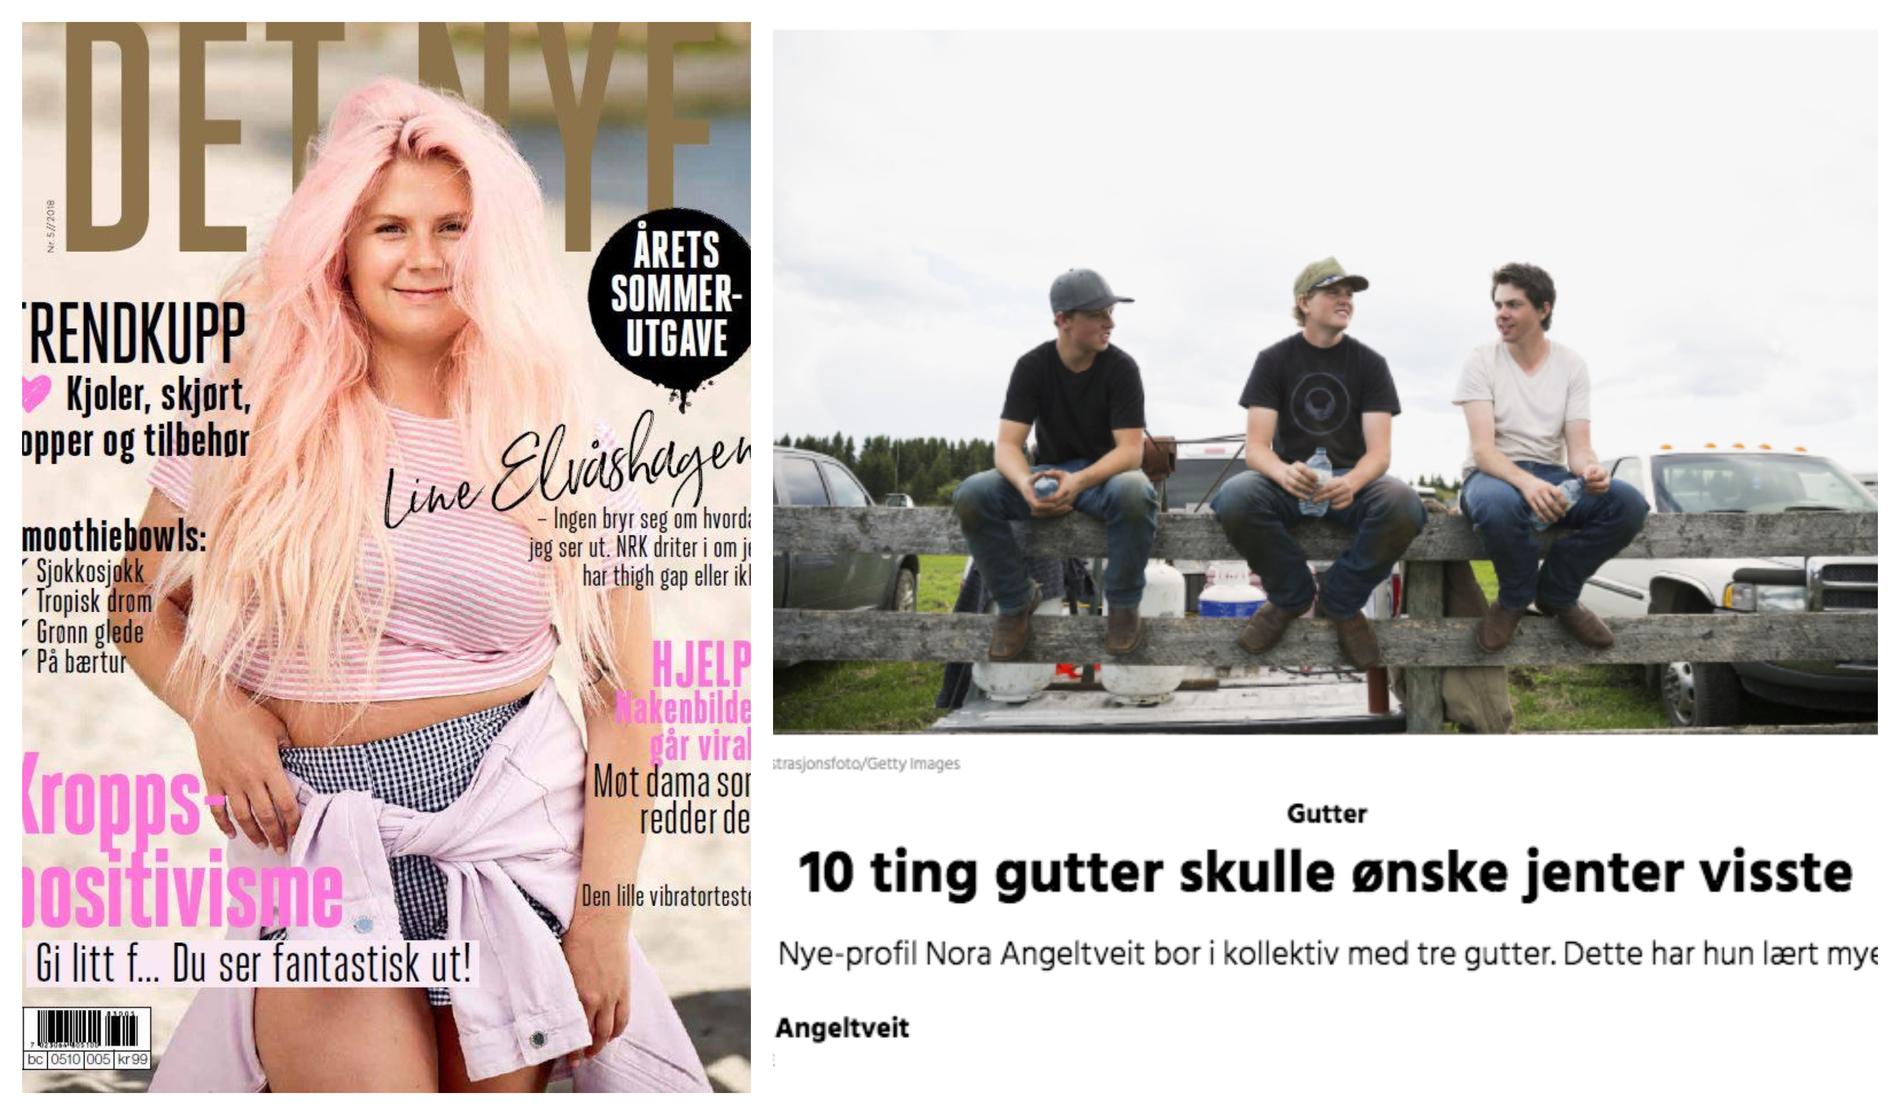 LEI AV SÅNT: - Nå er detnokmed glansede magasiner og «liksom velmenende» skribenter som skal fortelle jenter om alt de bør få til bedre, skriver Sandbakk.